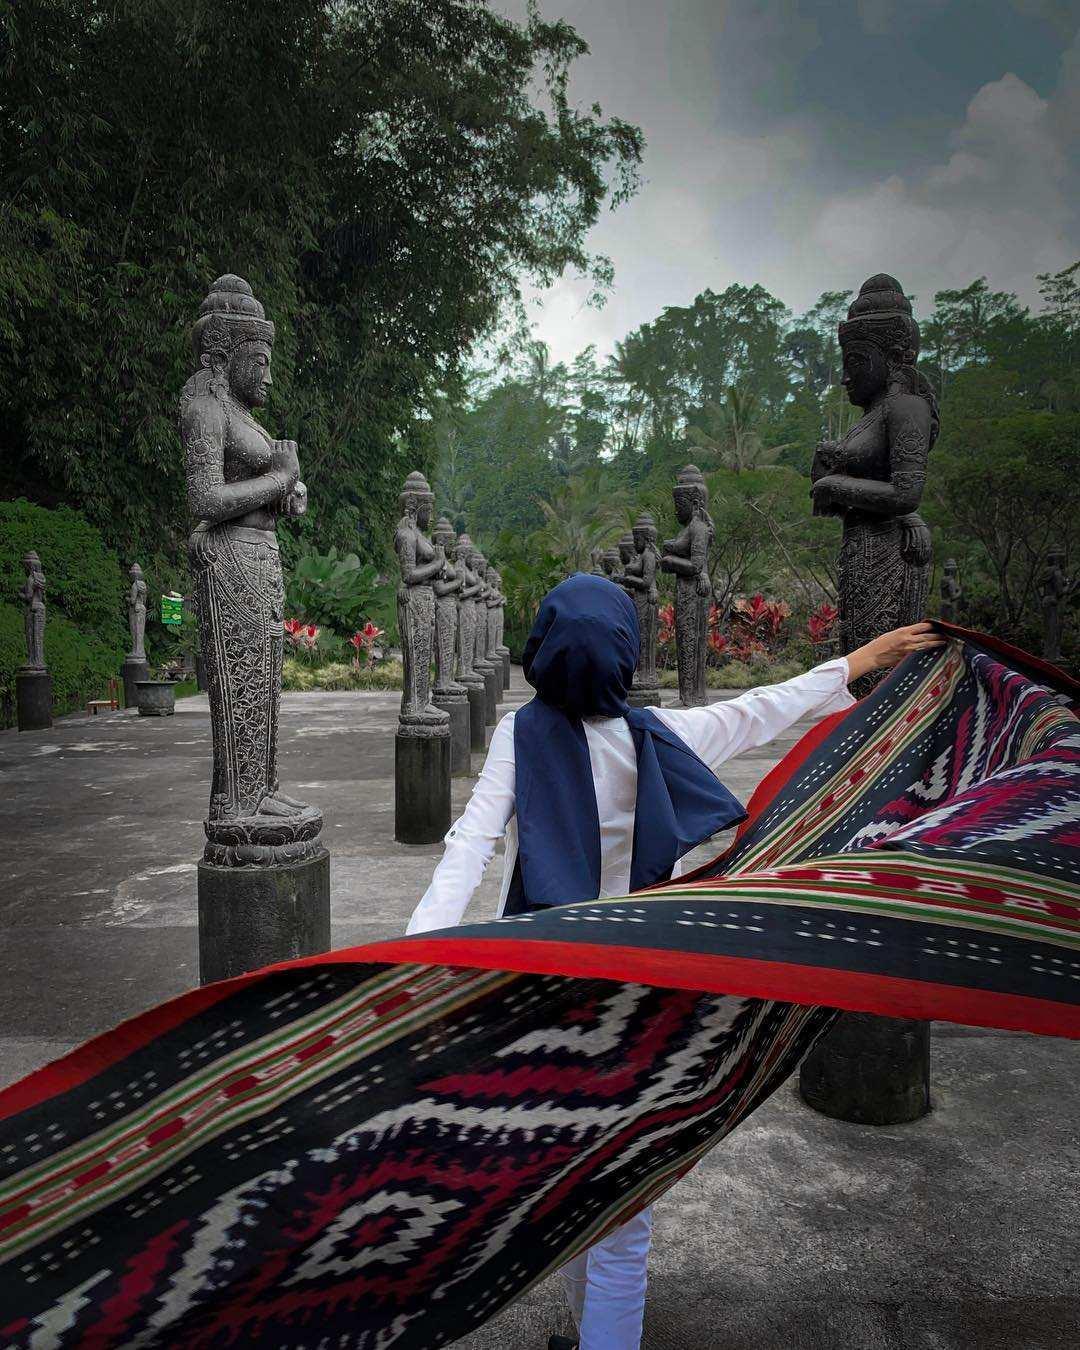 Patung di Lembah Tumpang Malang Images From @sonydewantara@maymaya13